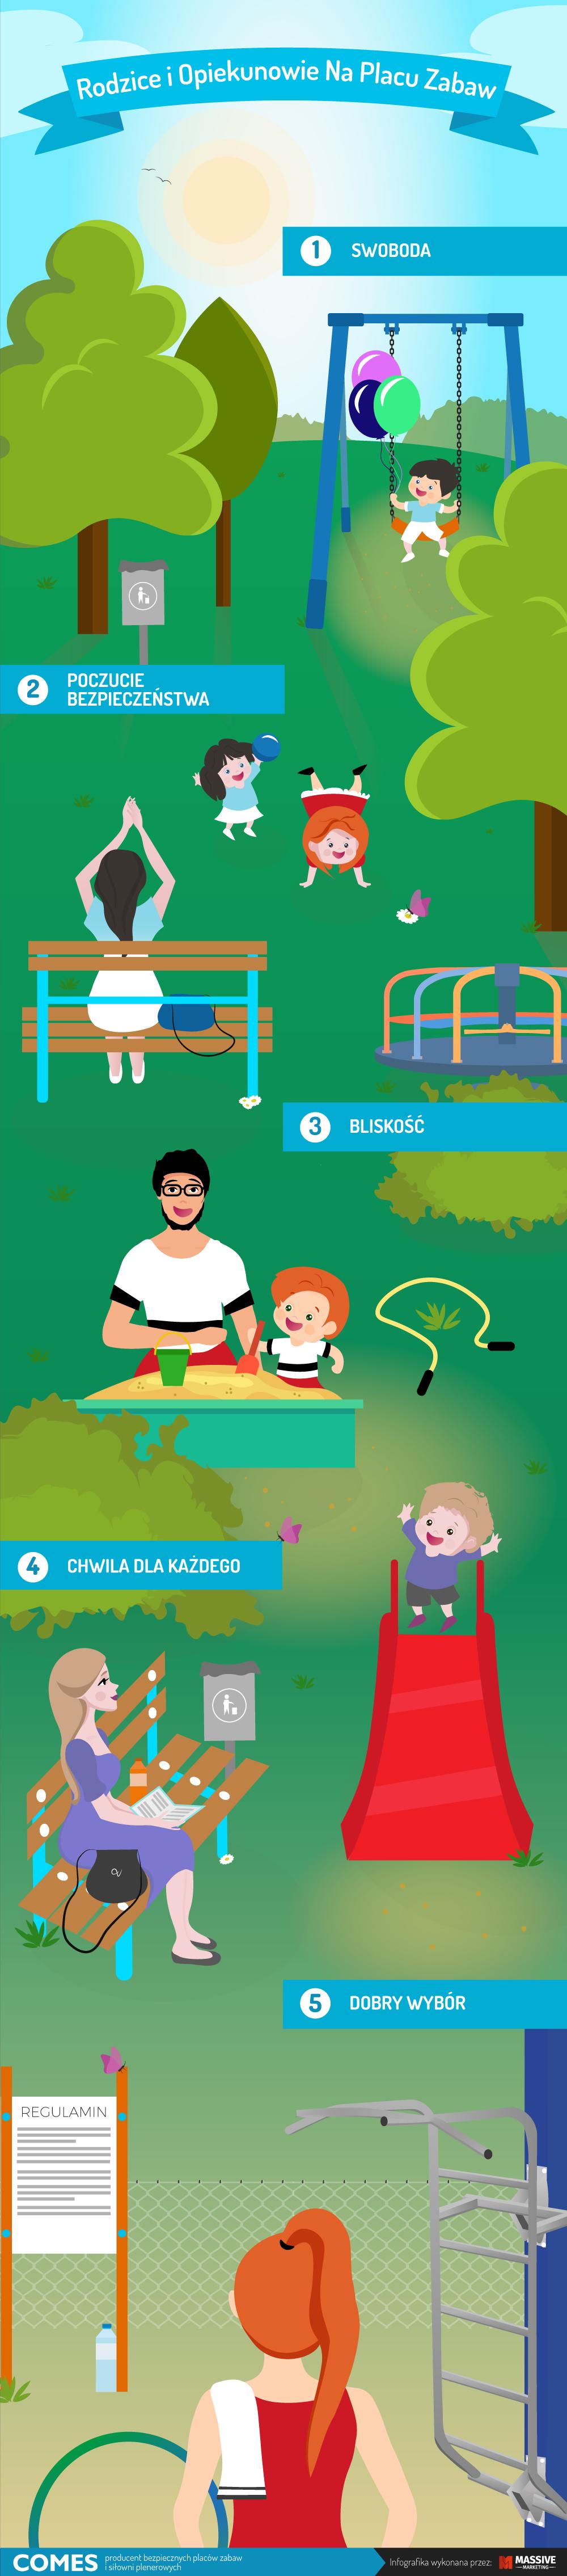 rodzice i opiekunowie na placu zabaw